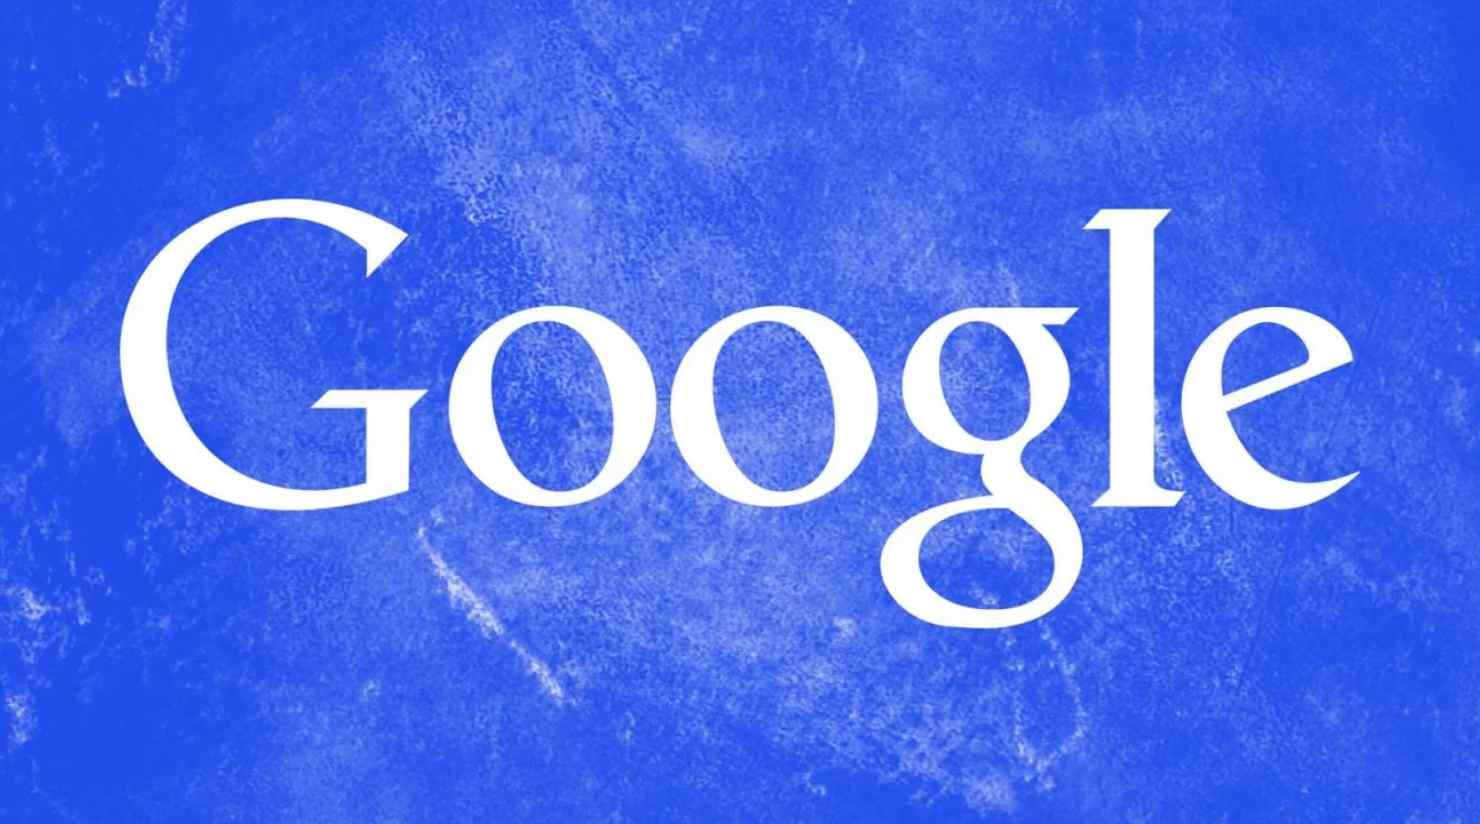 Такого девайса Google еще не было. Технические подробности